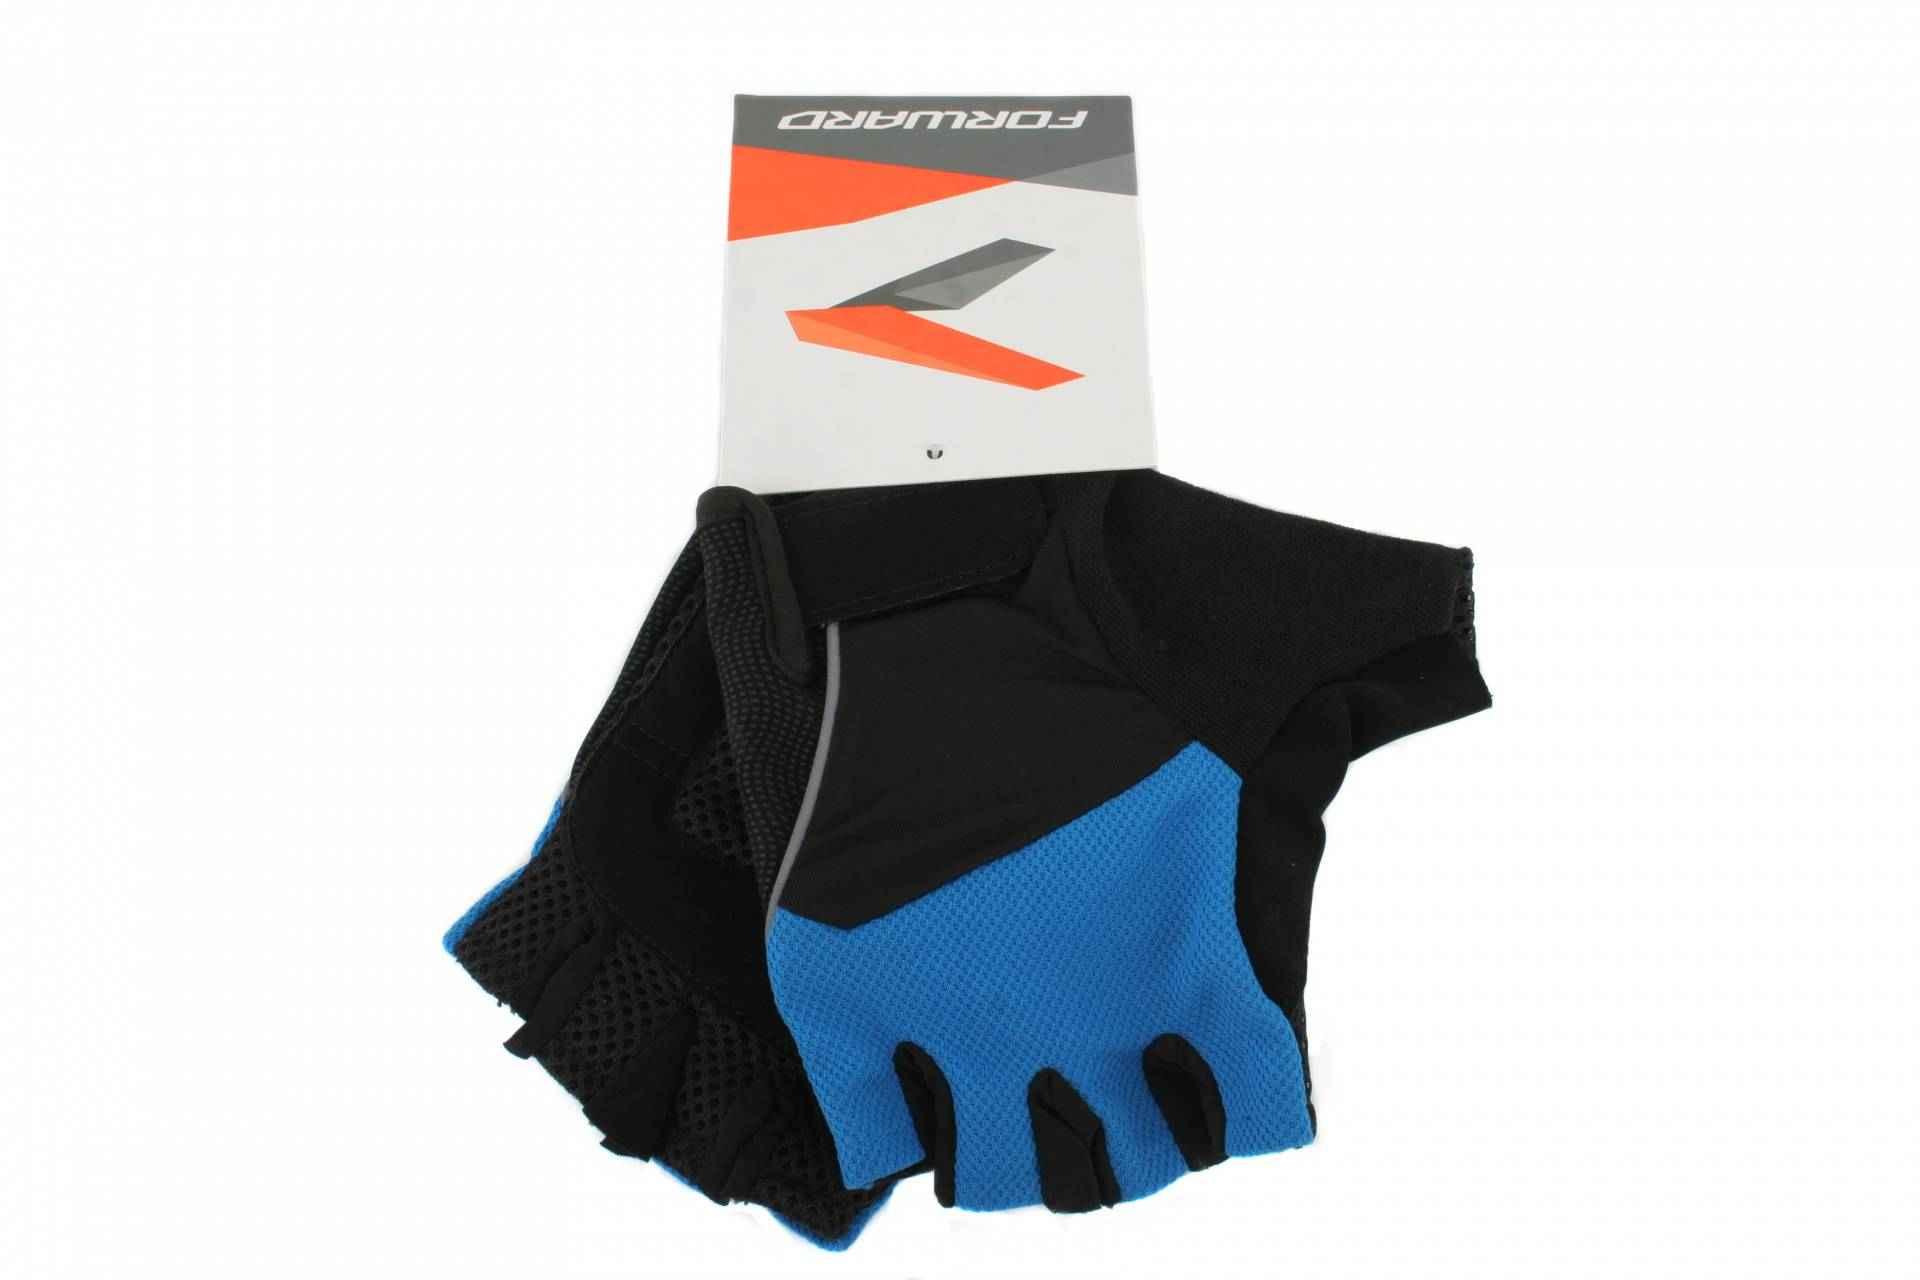 Перчатки, BI16008, S, короткий палец, SAIGUAN, черный, синий, RGSBI1600801 фото